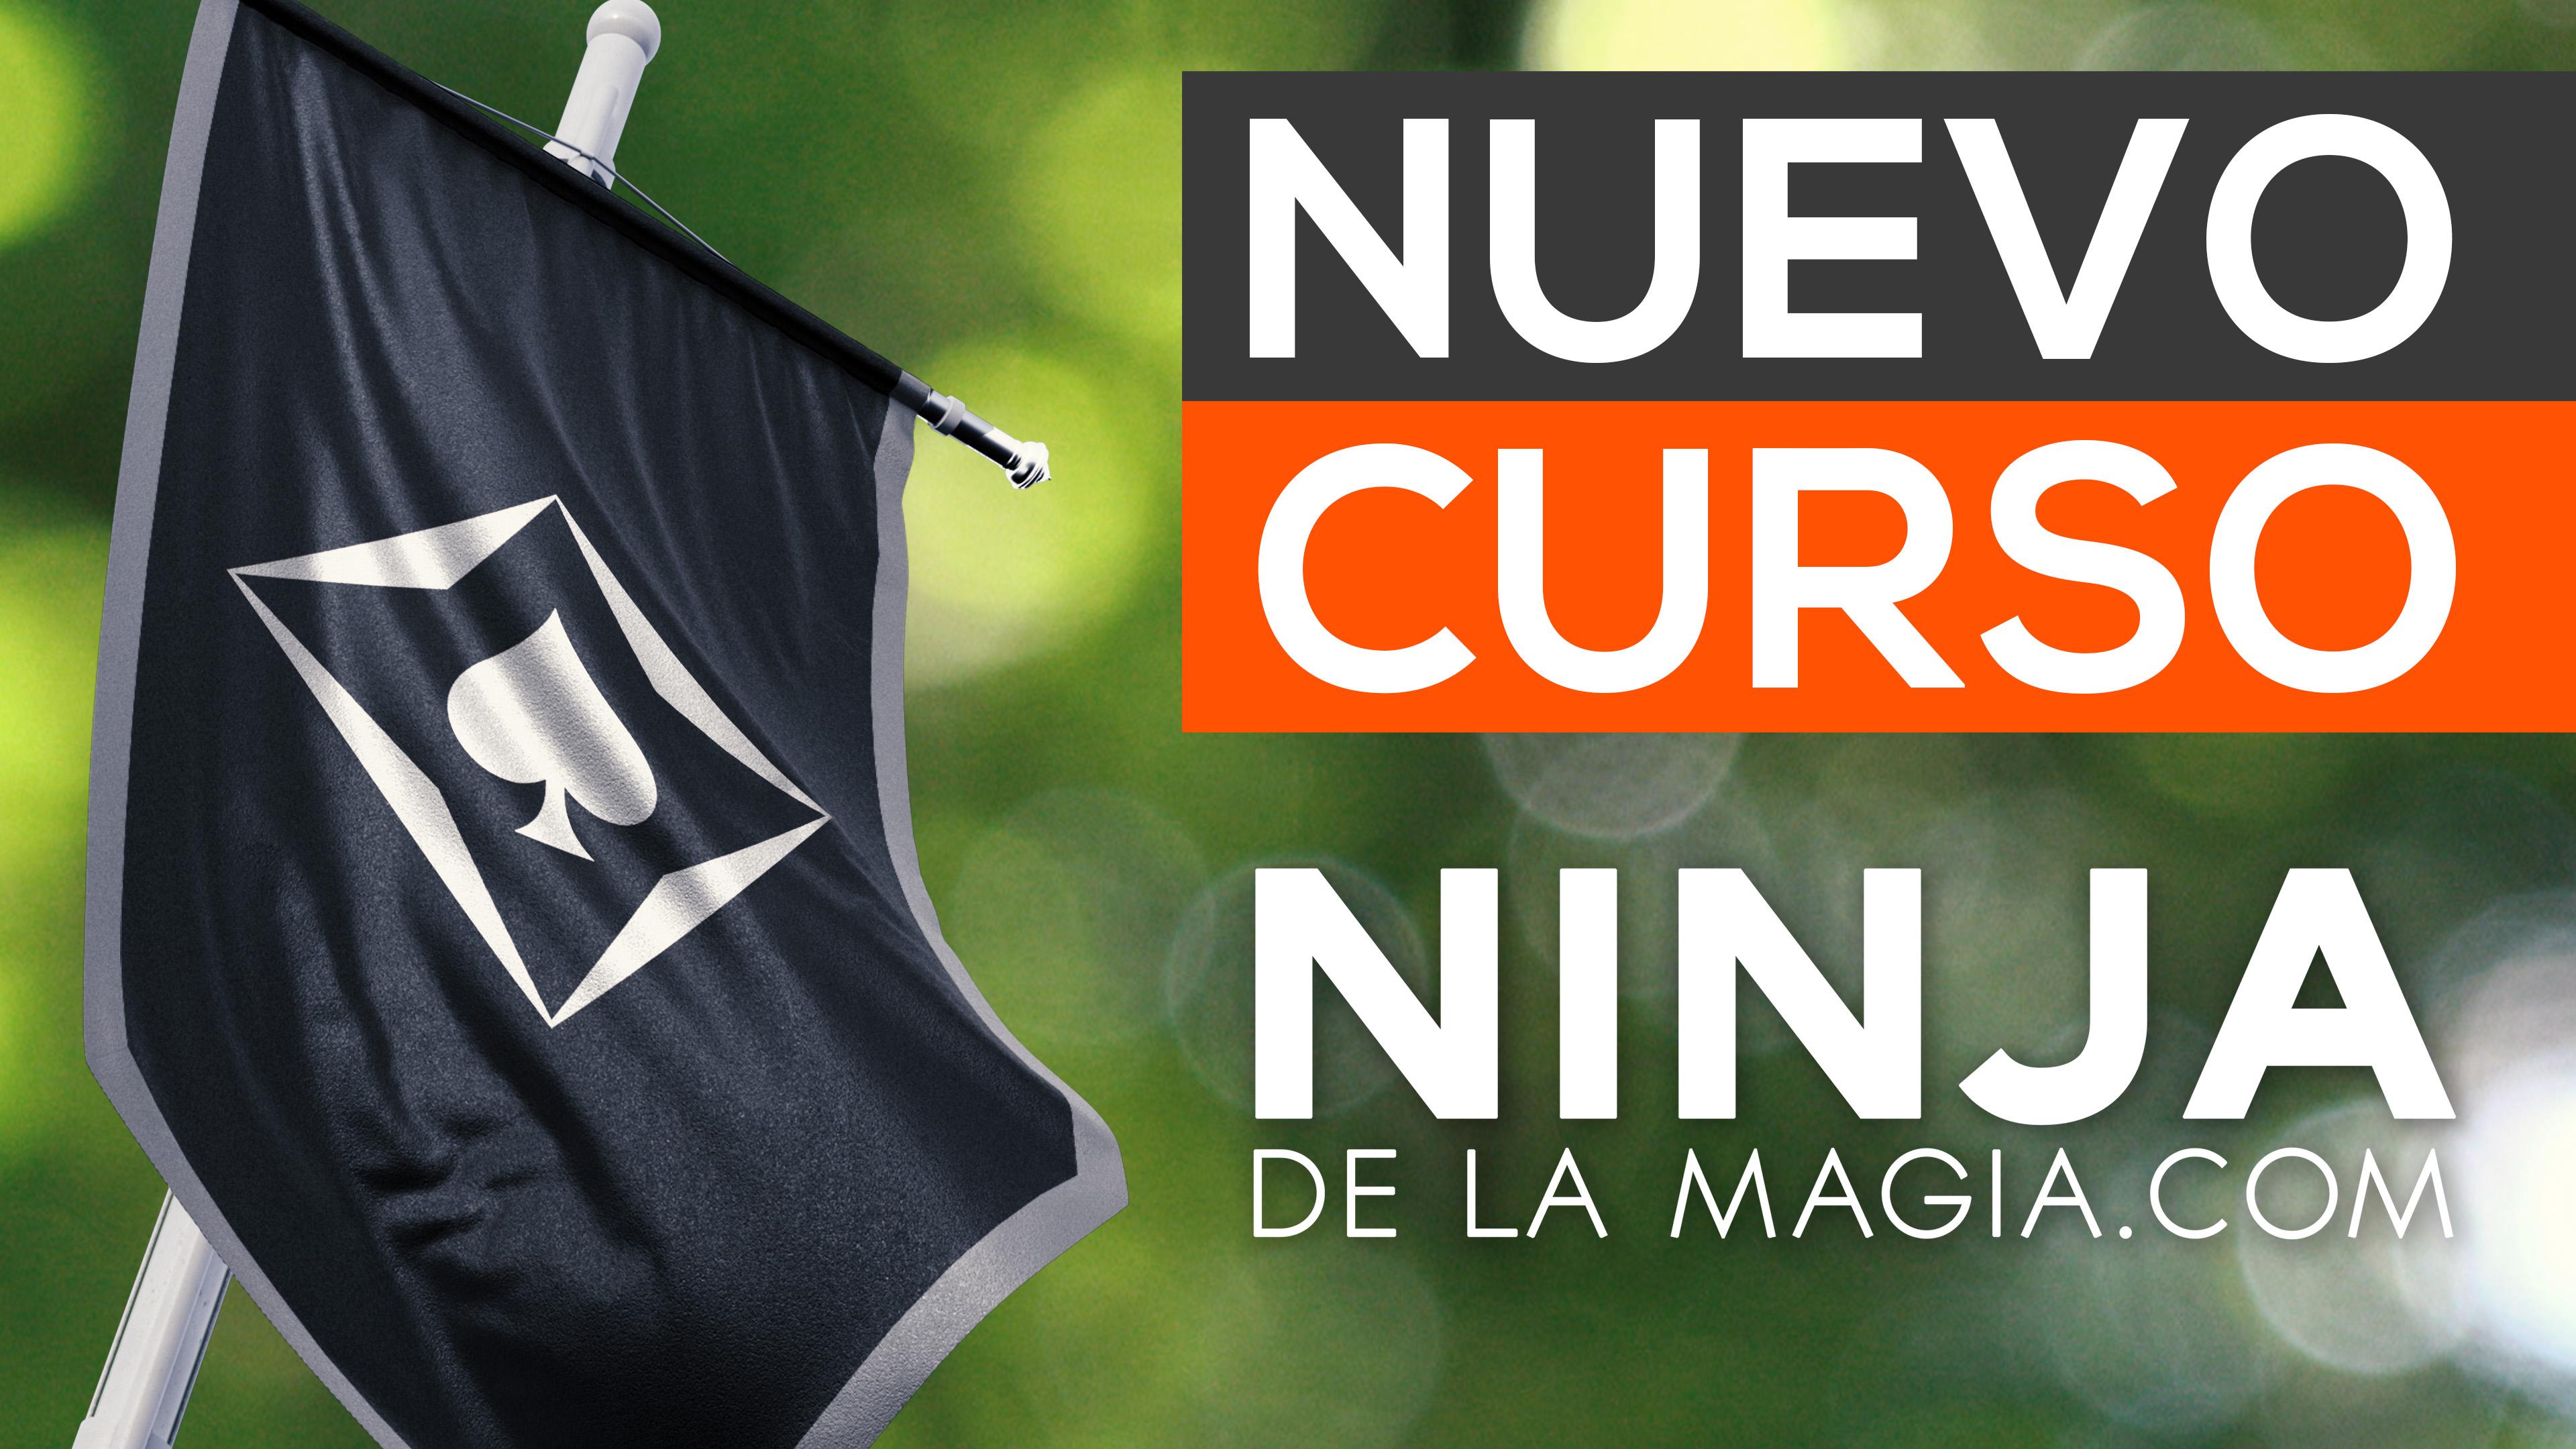 Nuevo super CURSO de Mentalismo - Ninja de la Magia 6